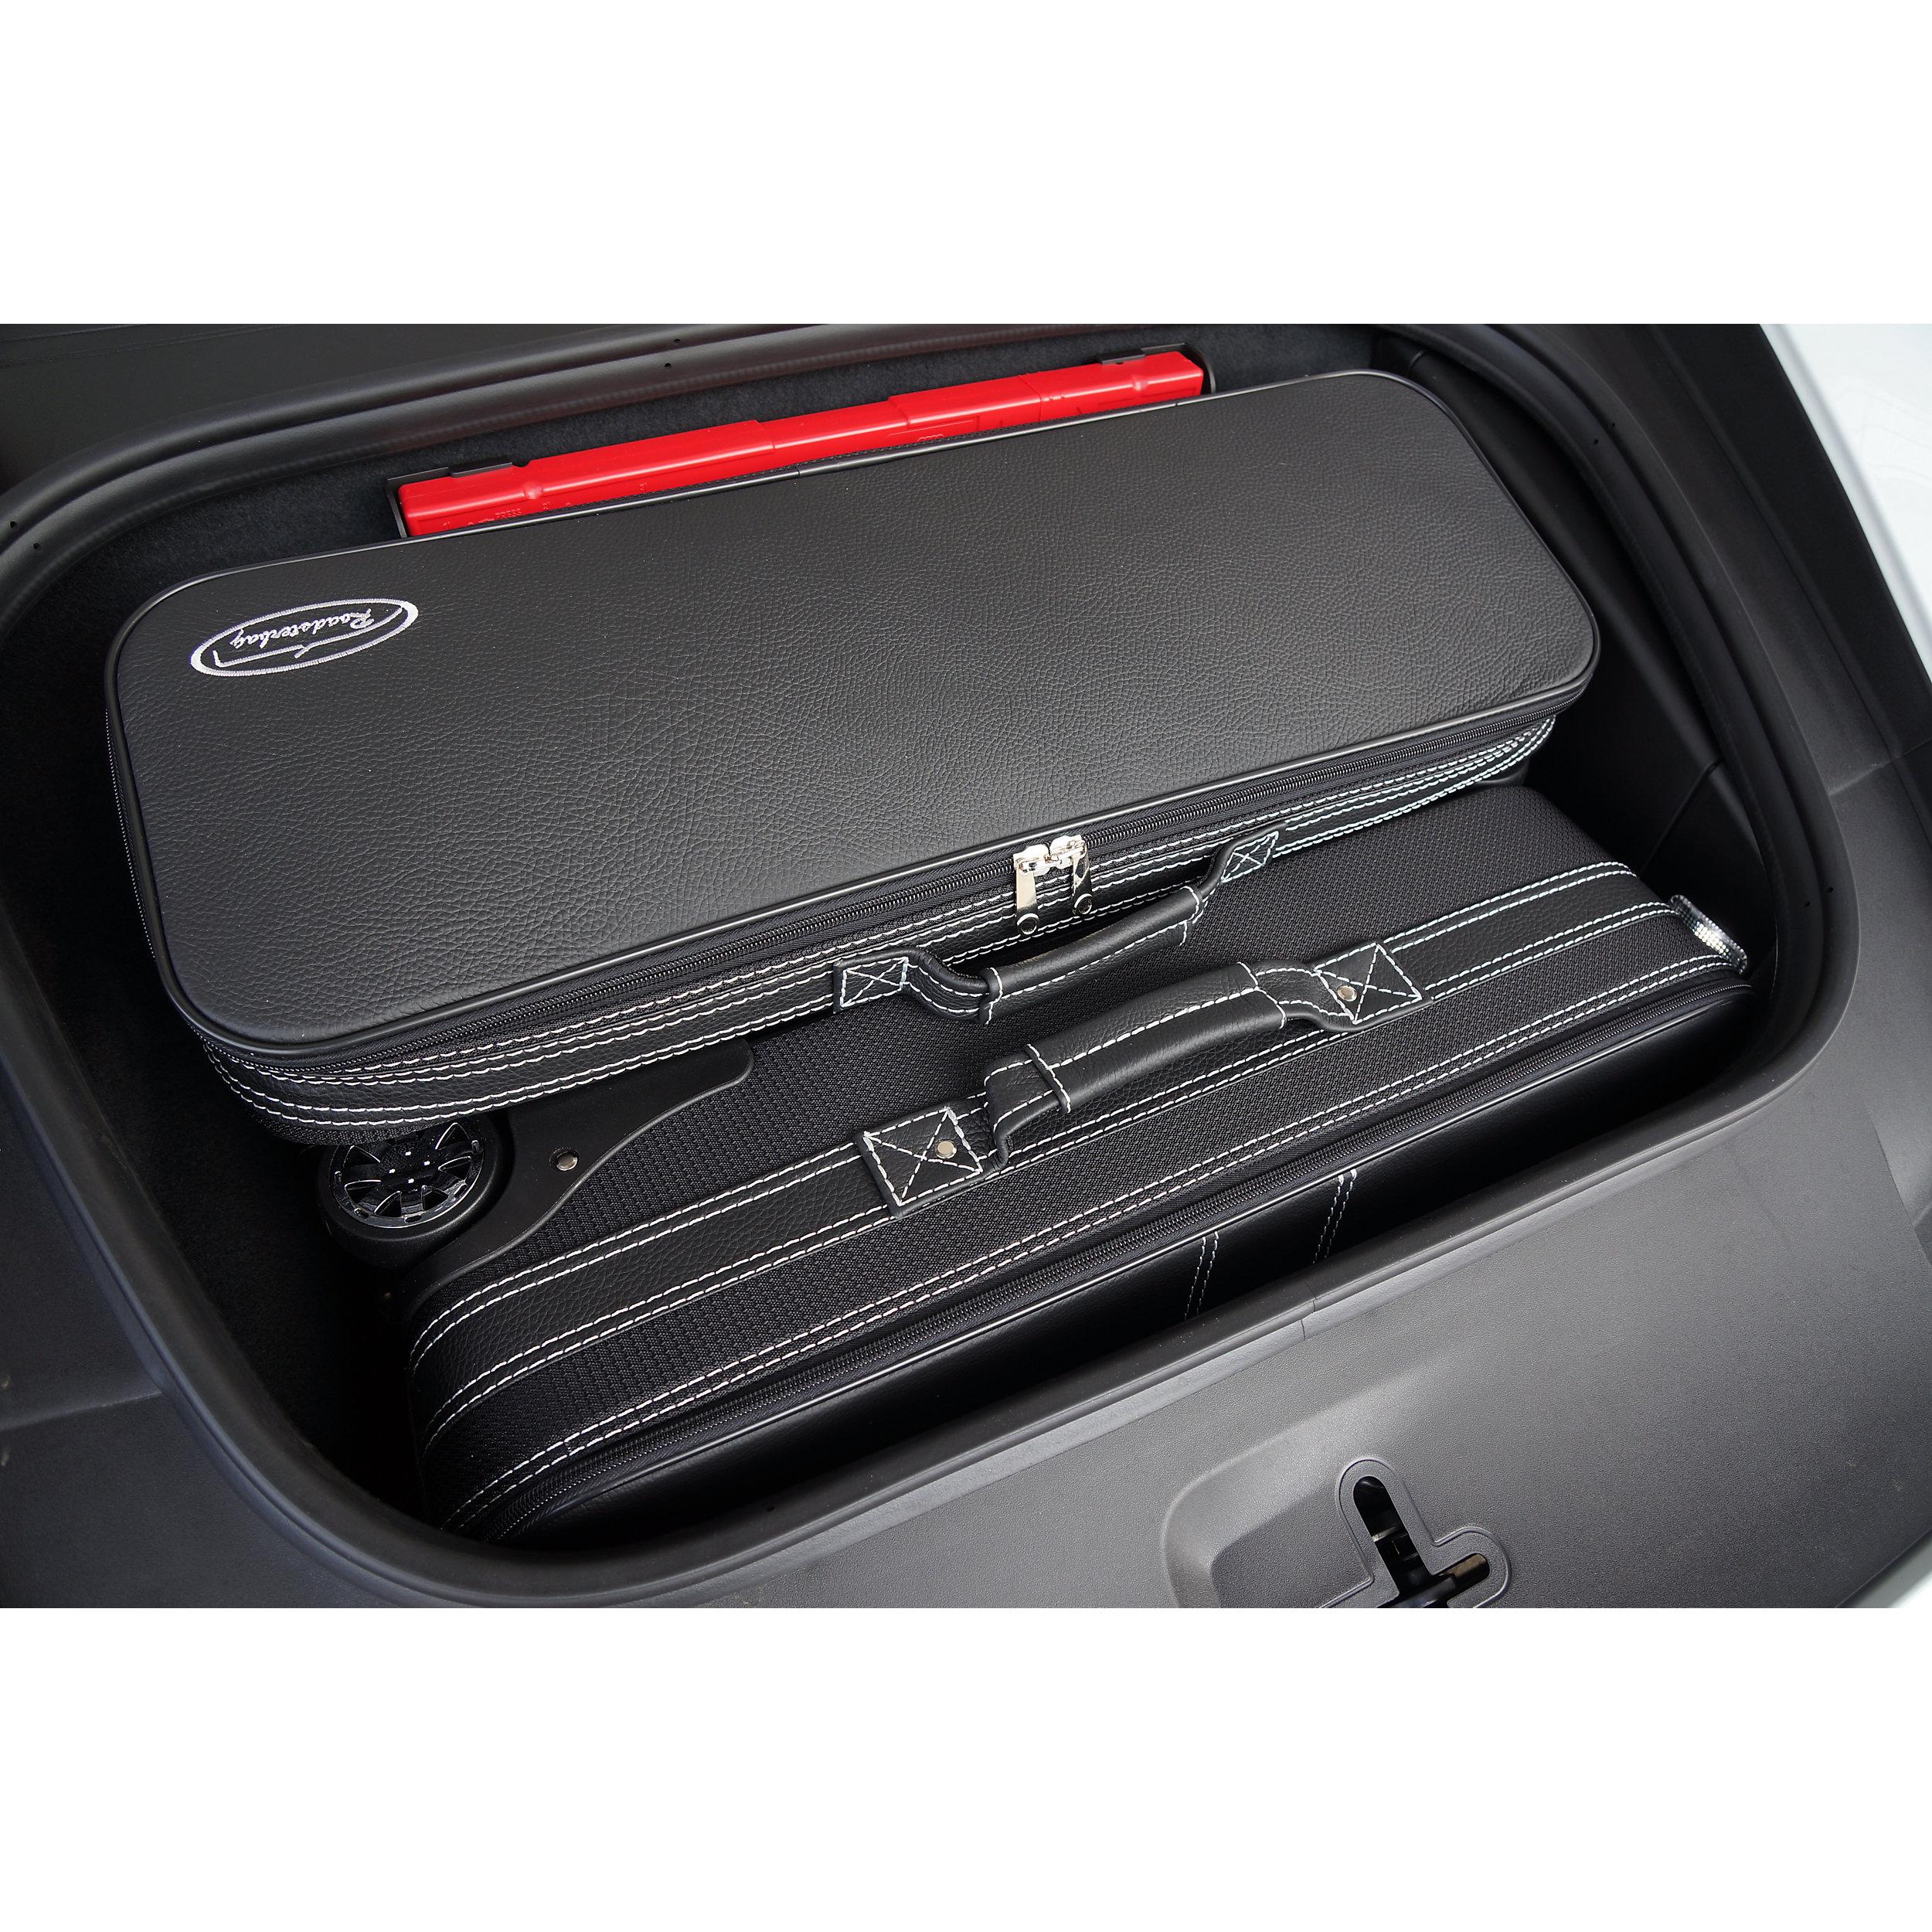 3-tlg. Kofferset mit 2 Rollen Porsche Cayman (981c+718) Front 103 Liter